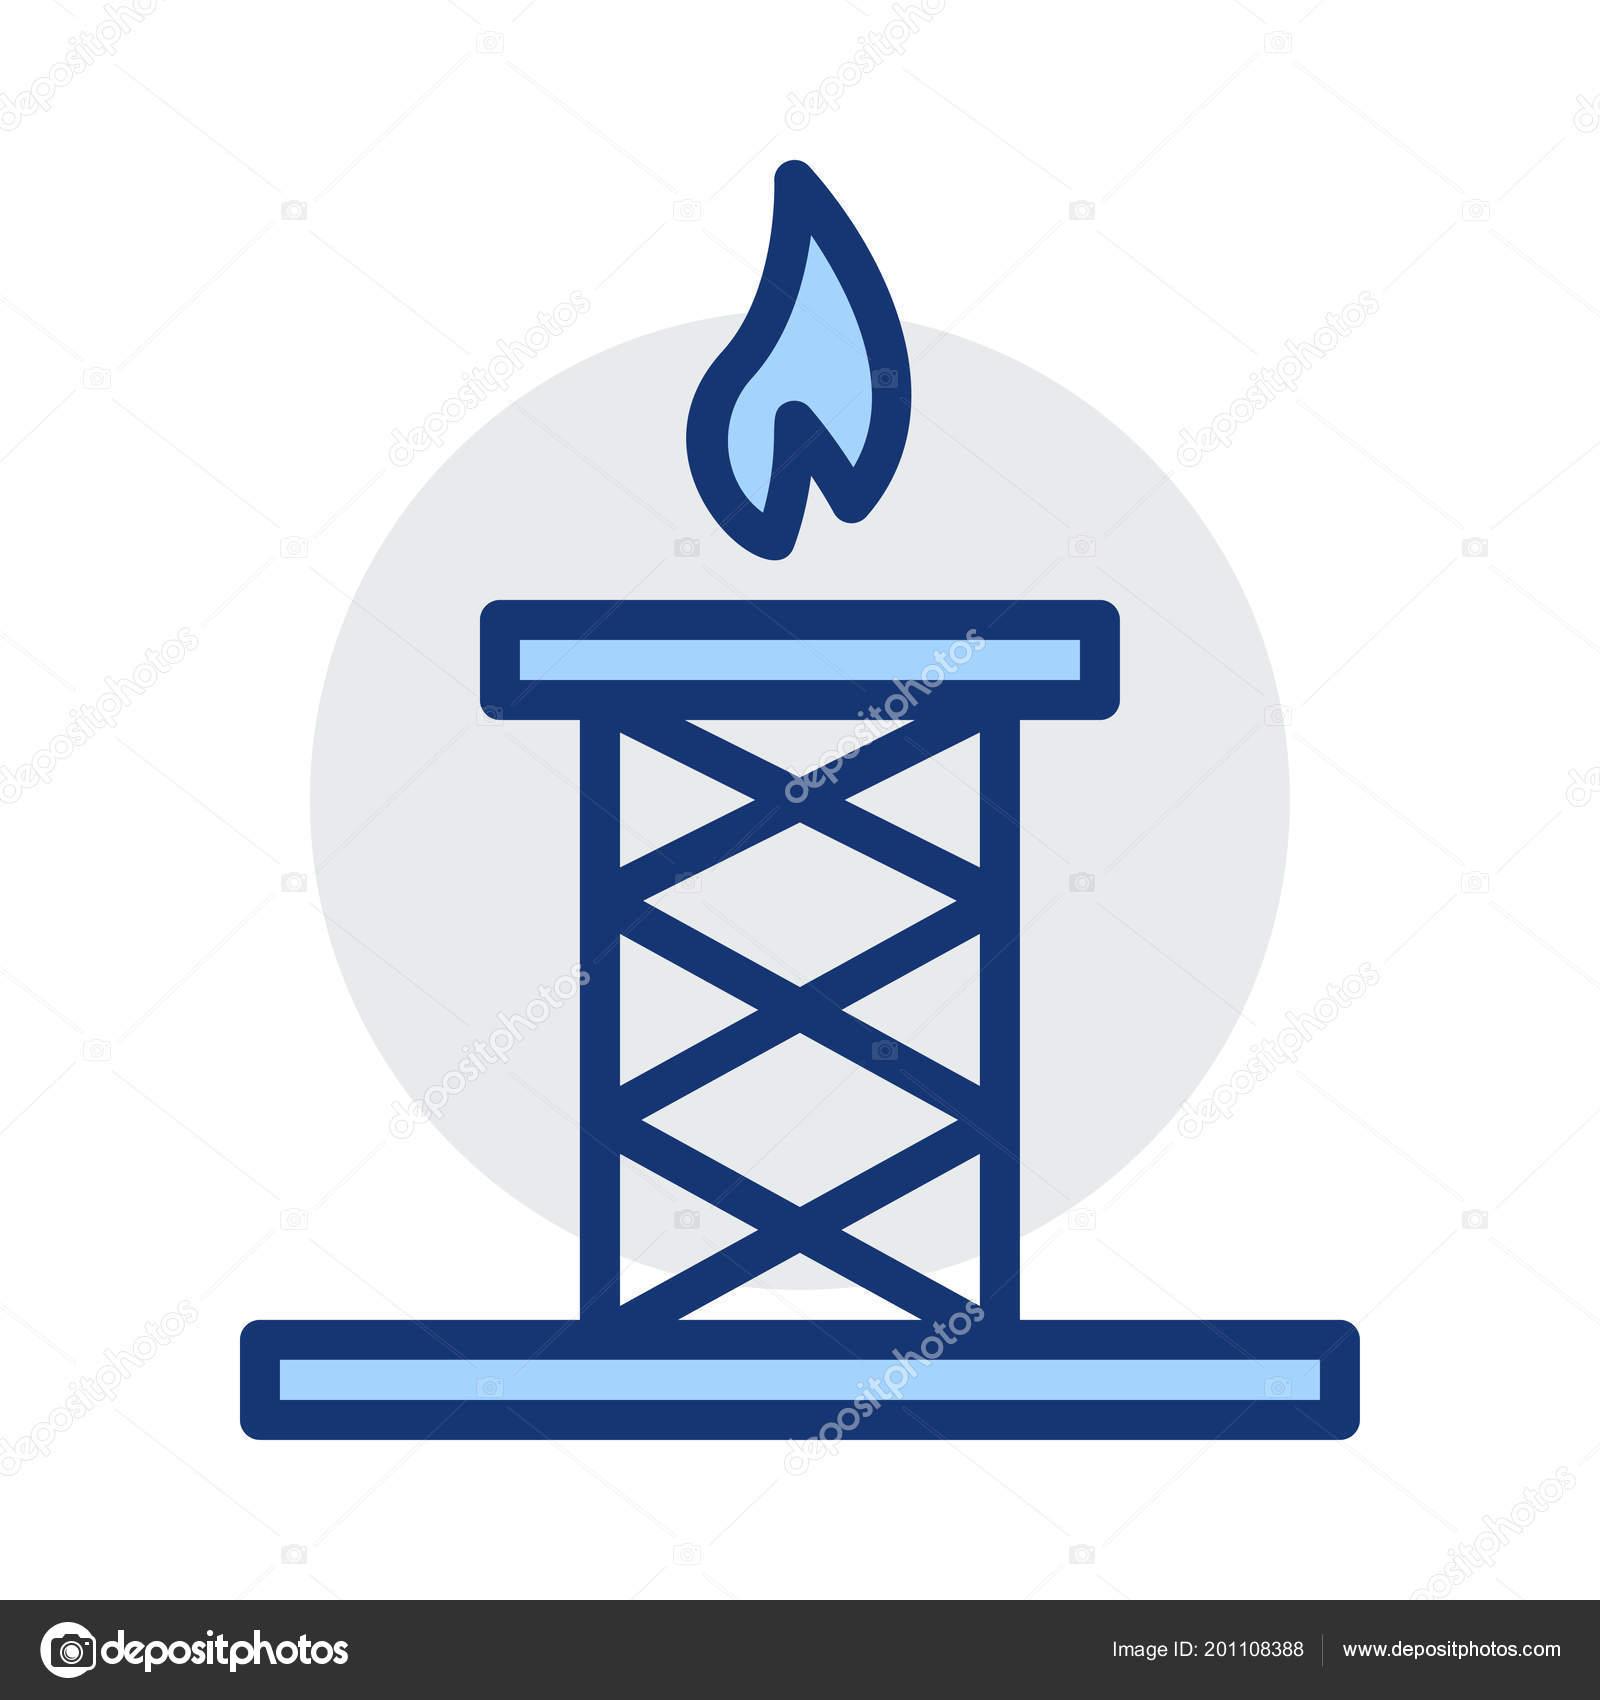 Stromleitung Mit Feuer Den Farben Blau Und Grau Isoliert Auf